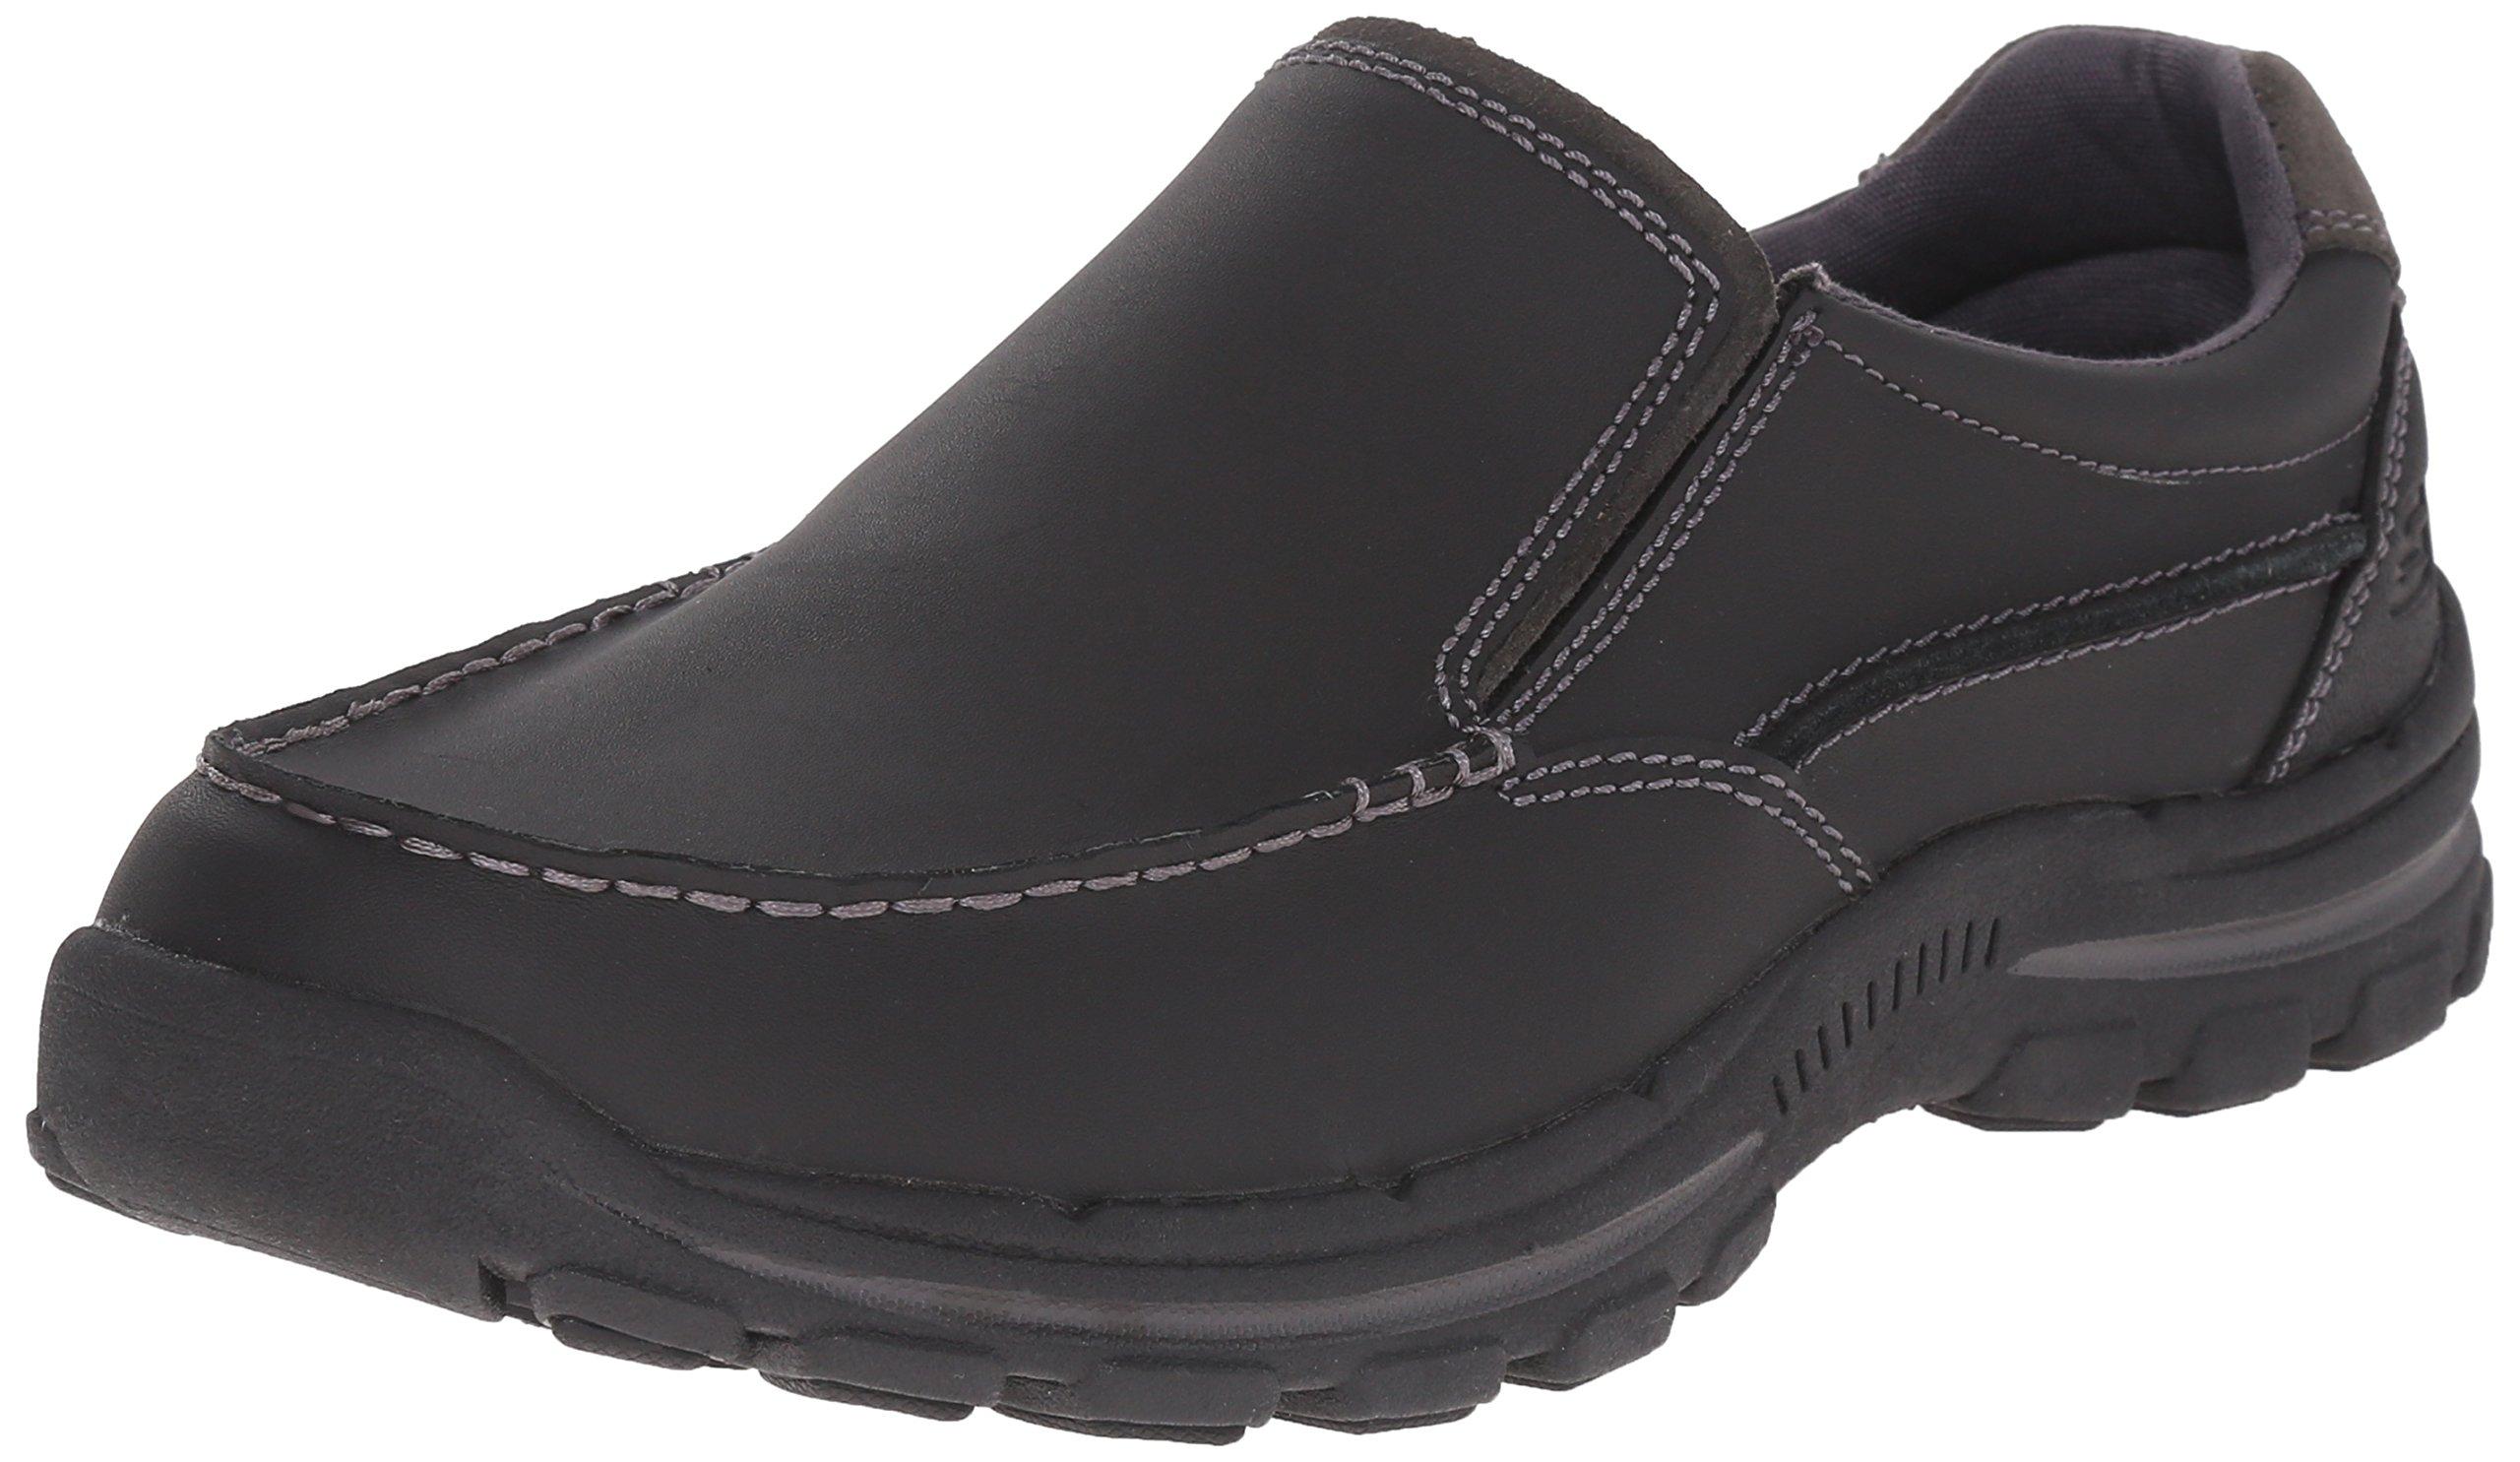 Skechers USA Men's Braver Rayland Slip-On Loafer,Black Leather,13 2E US by Skechers